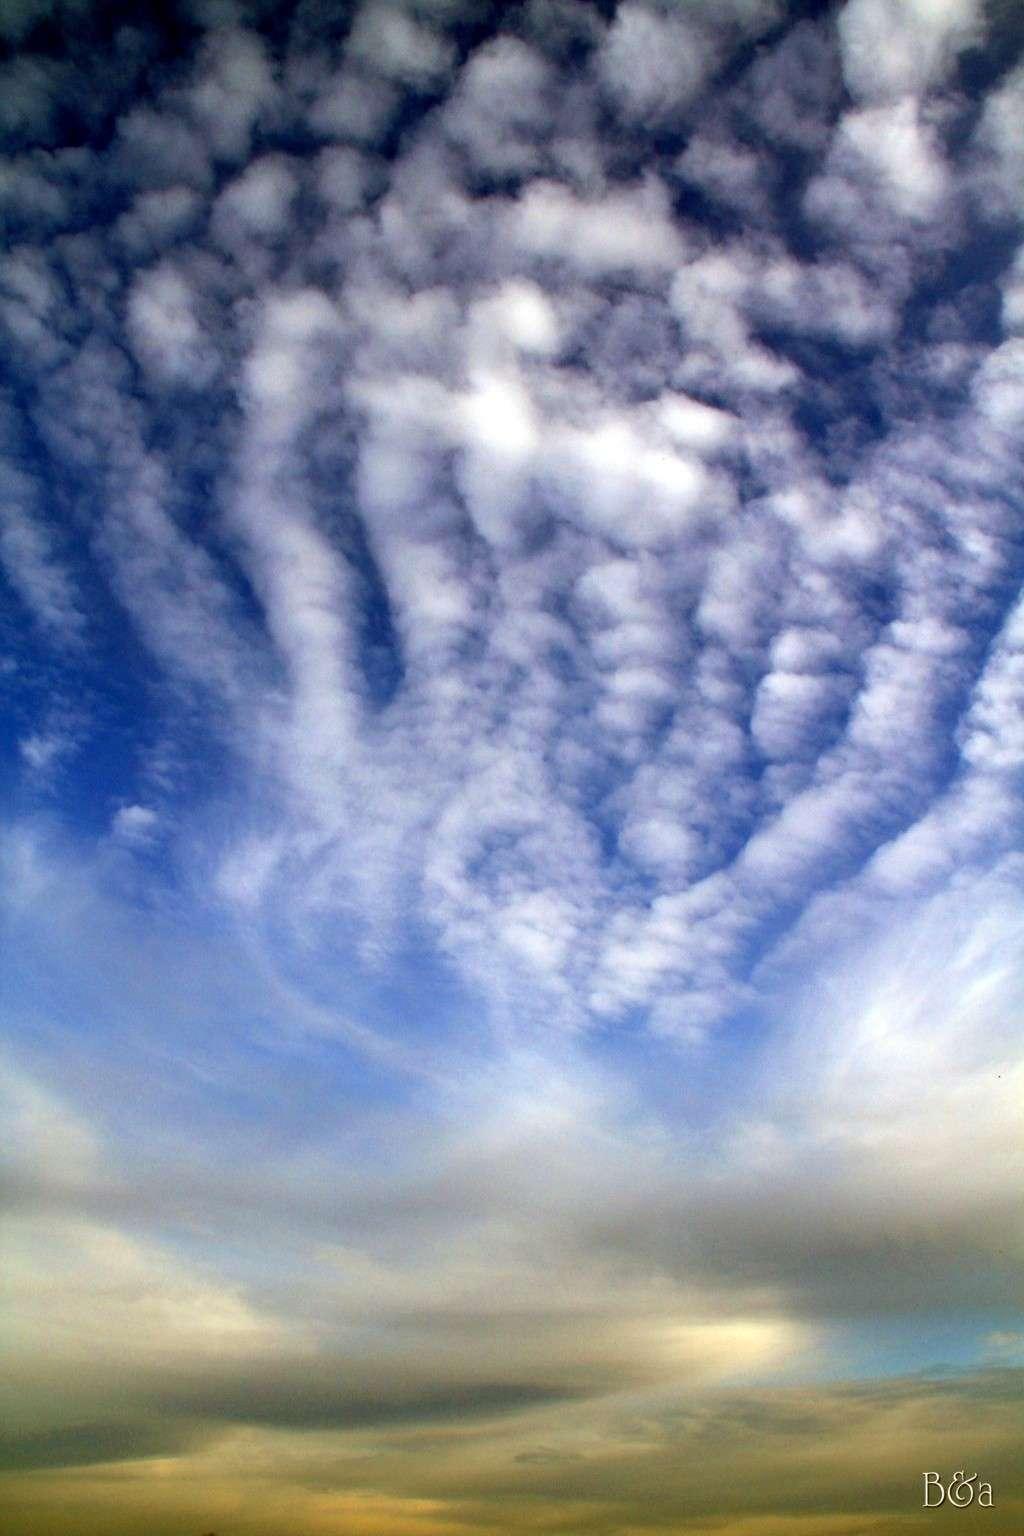 Concours du mois de mars 2011. Thème : Ciel de mars Photo_12